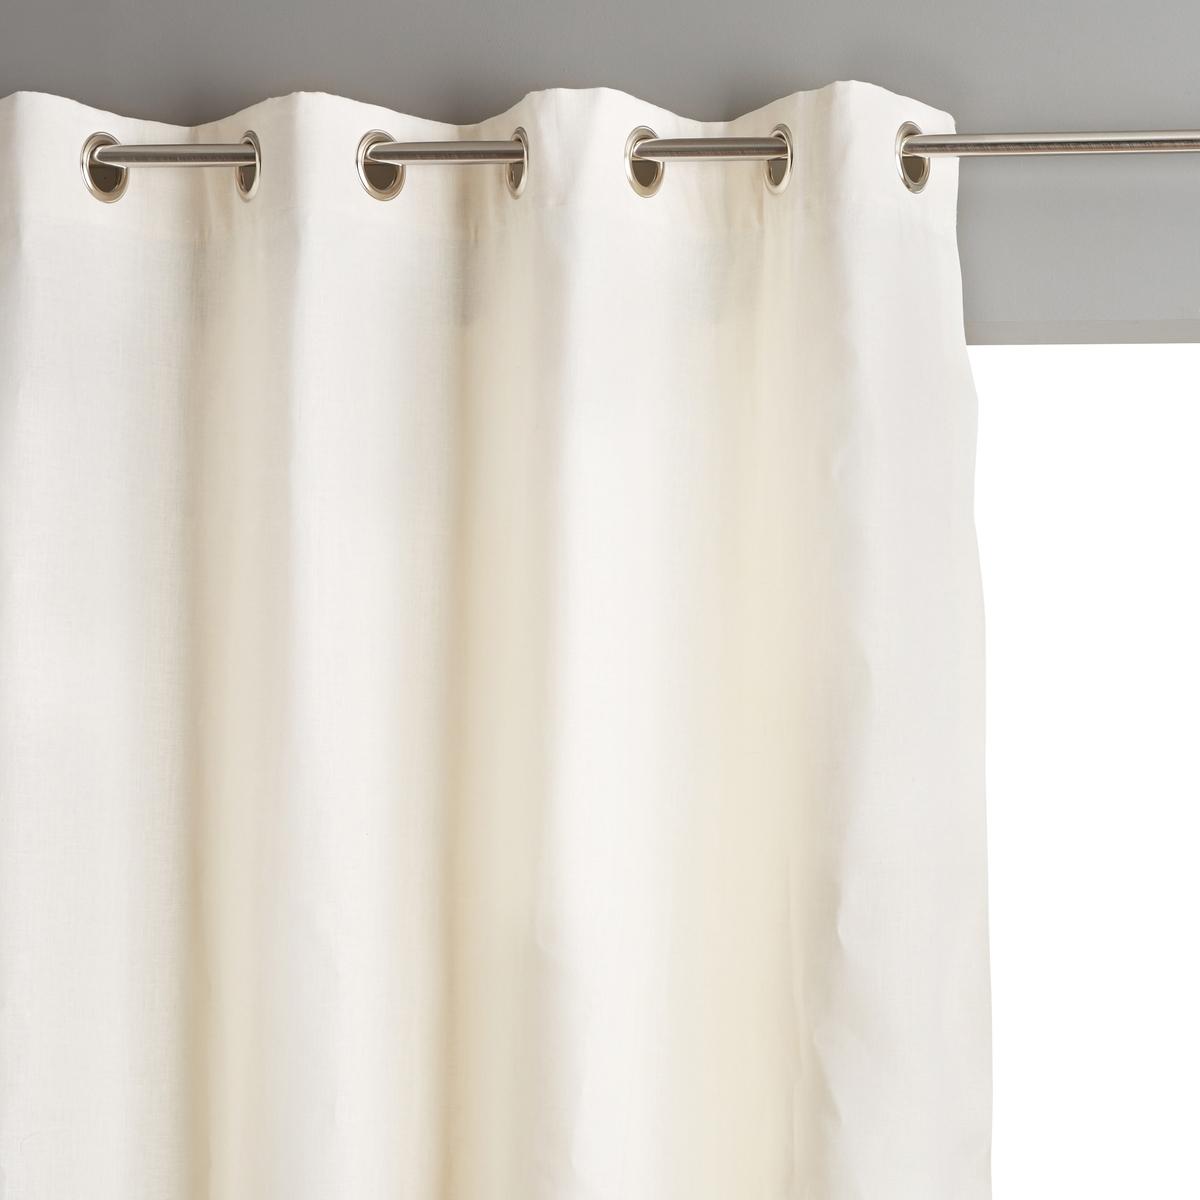 Штора классическая из льна ColinШтора классическая из льна Colin . Штора из натурального 100% льна, мягкого и благородного материала. Она украсит окна в вашем доме в элегантном стиле .Современная штора прекрасно фильтрует солнечный свет  . Предлагается в 6 расцветках и 4 размерах .материал :- 100% льна - Подкладка 100% хлопка Отделка :- Низ подшит.- Серебристые люверсы, ? 4 см .Уход :Стирка при 40°Размер на выбор :Ширина 140 x Высота 180 смШирина 140 x Высота 220 см Ширина 140 x Высота 260 см Ширина 140 x Высота 350 см<br><br>Цвет: антрацит,белый,Пенно-белый,серо-бежевый<br>Размер: 140 x 260  см.140 x 260  см